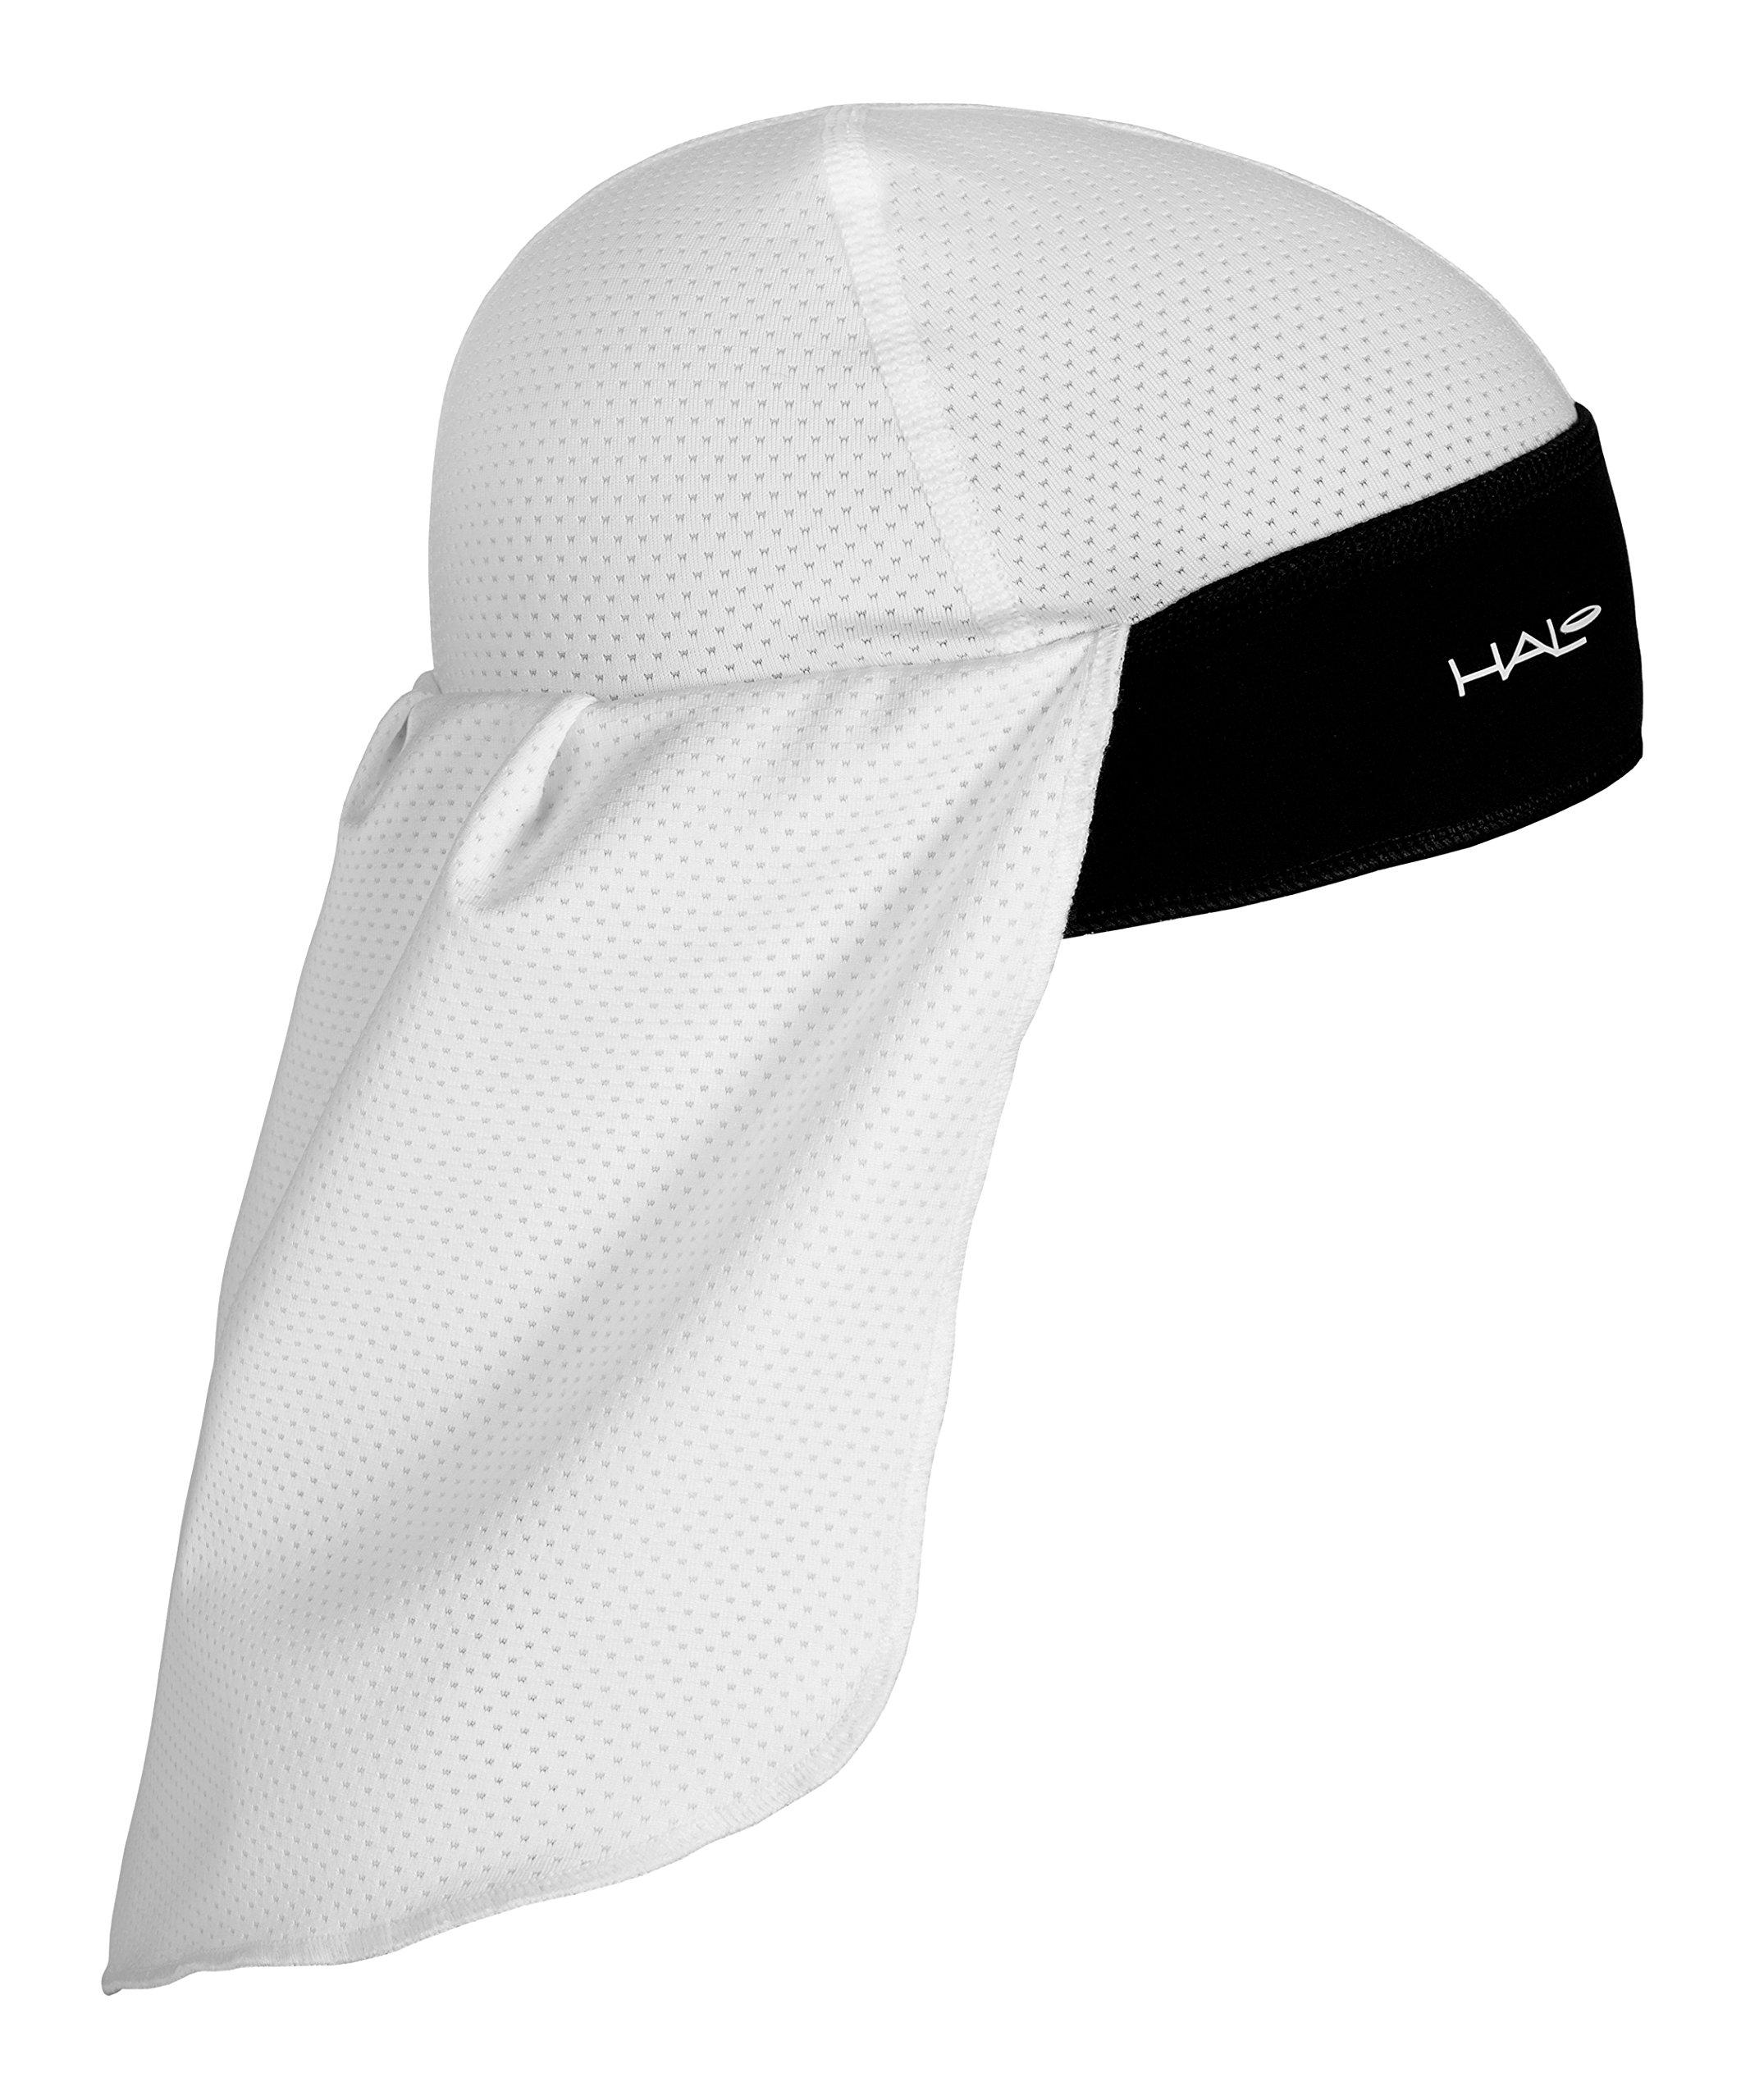 Halo Headband Solar Skull Cap & Tail, White